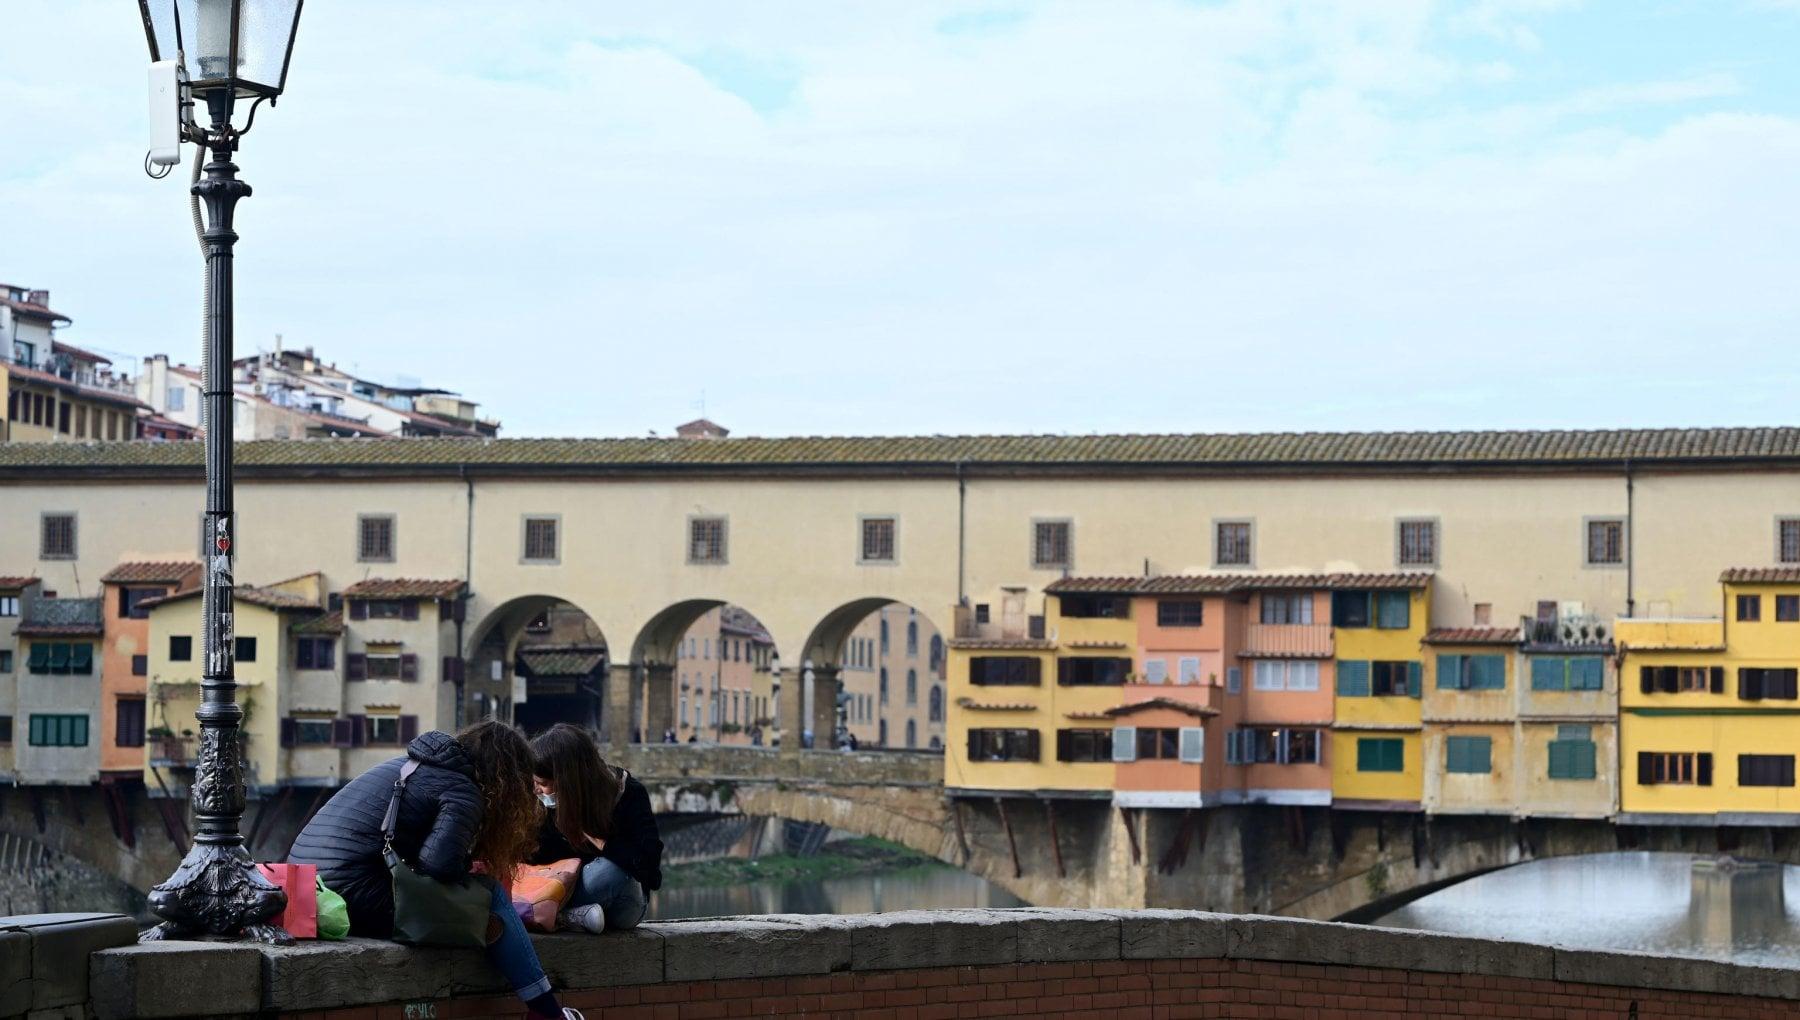 Ecco perche Torino e Firenze sono le citta italiane leader nella lotta ai cambiamenti climatici